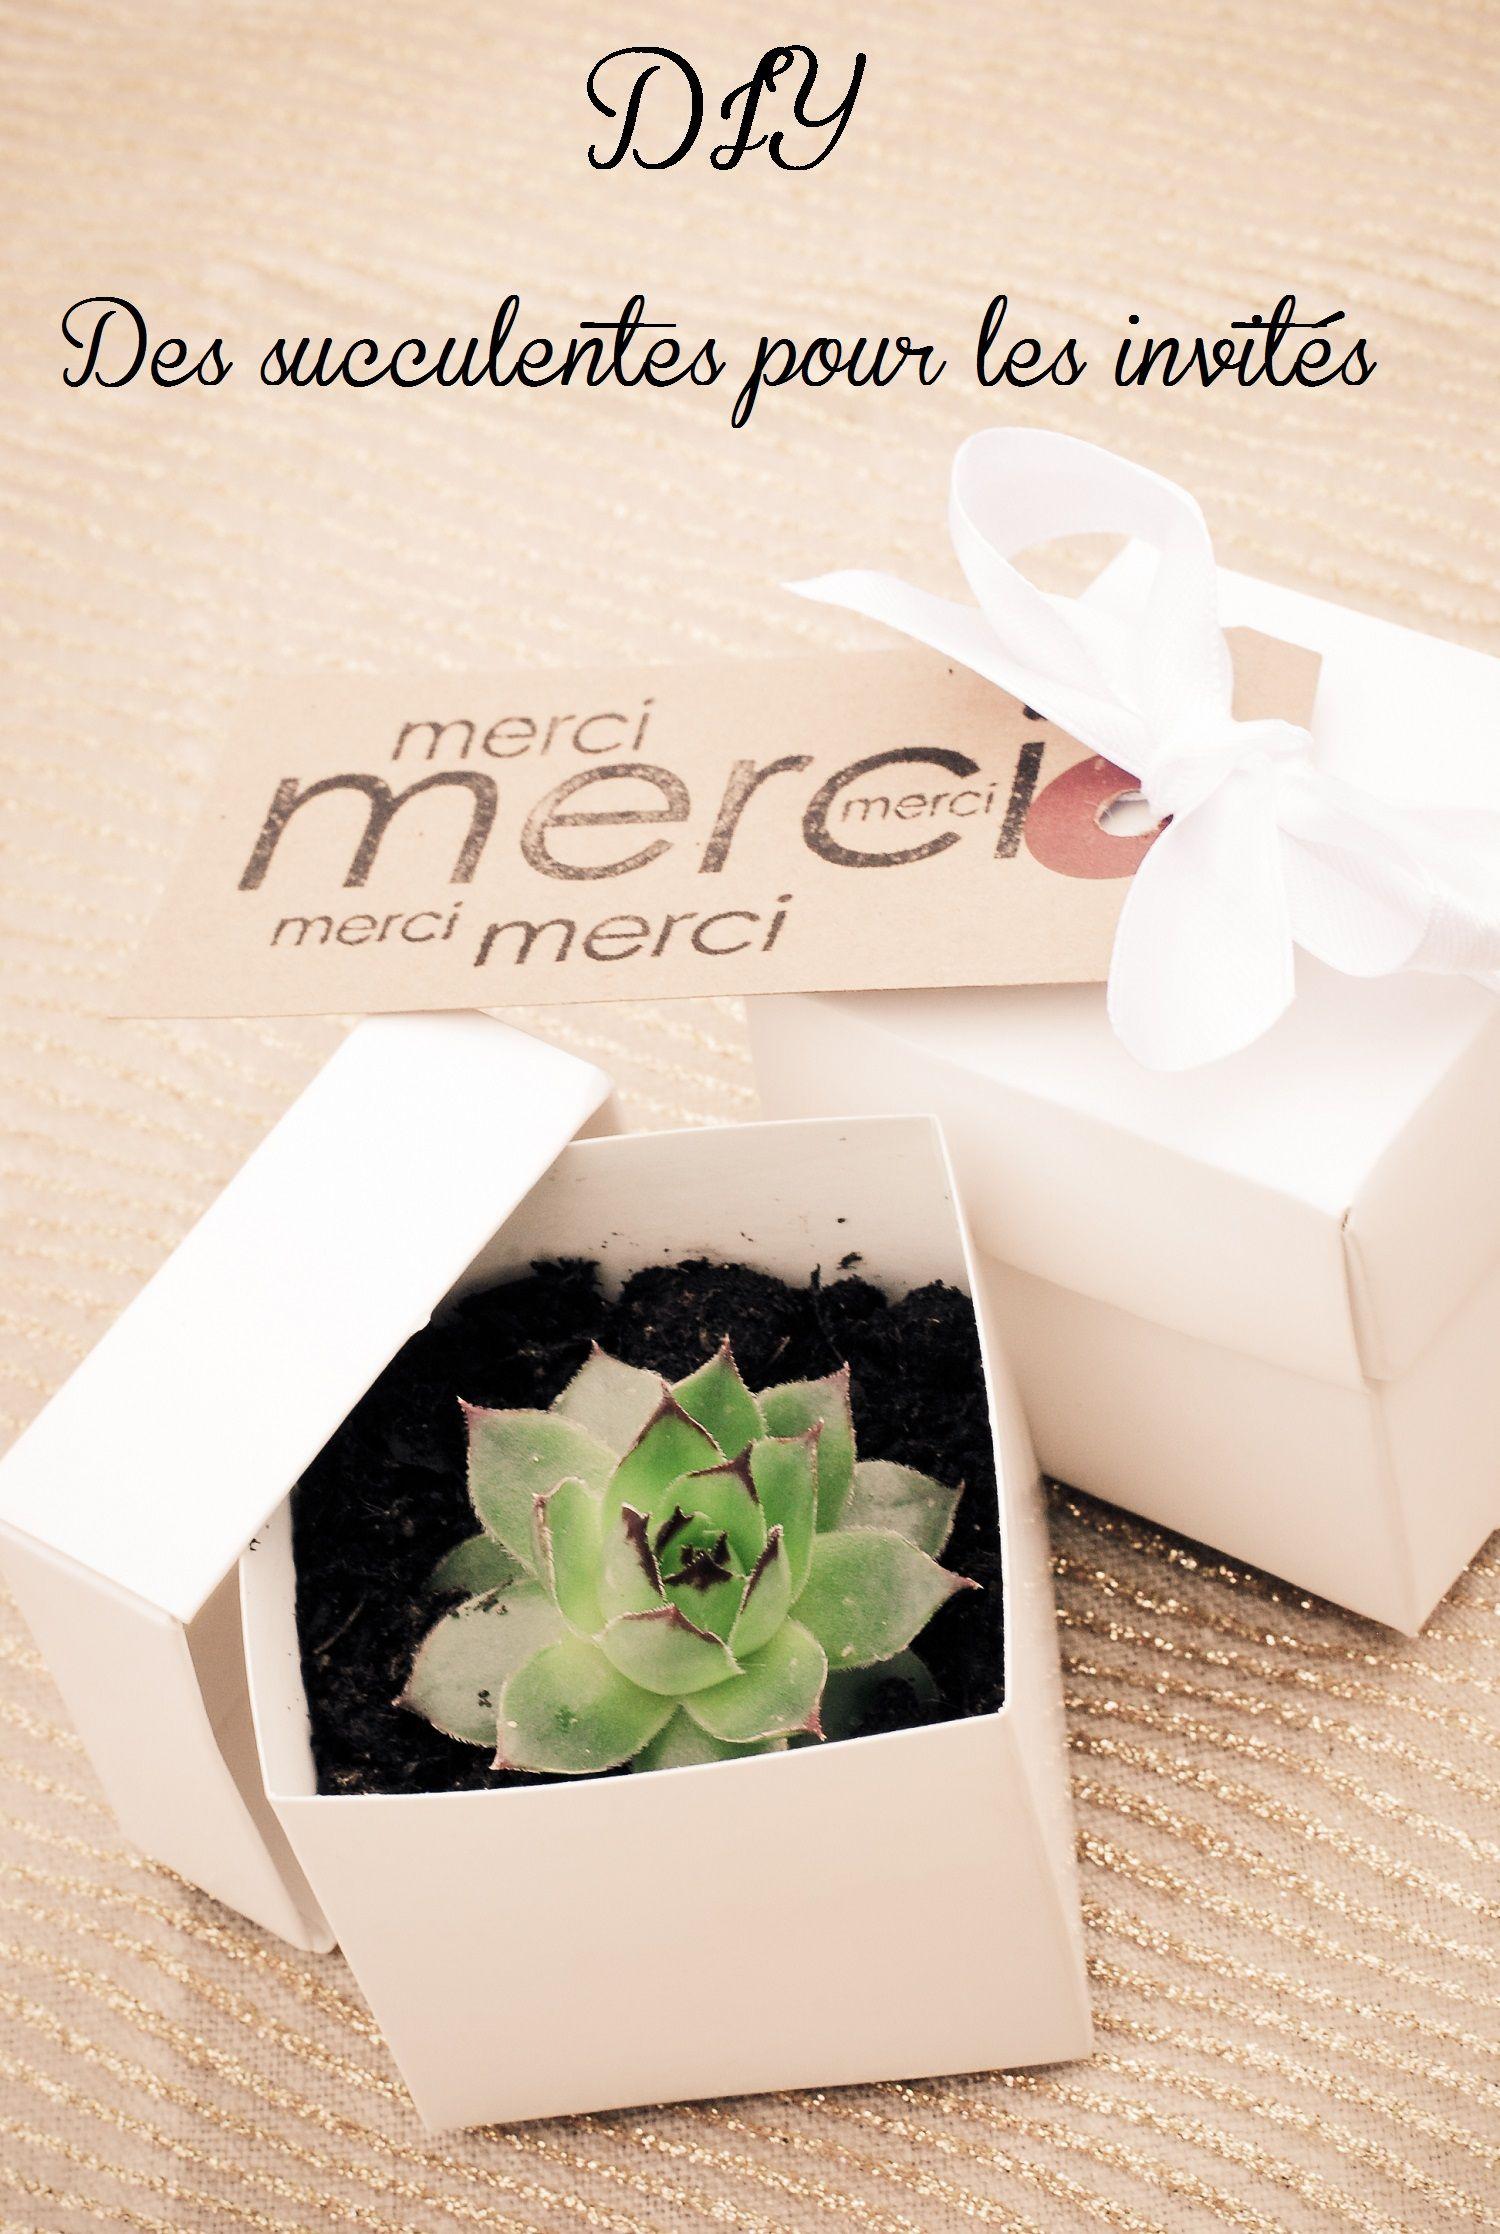 Cadeau original et pas cher pour vos invités mariage  des succulentes